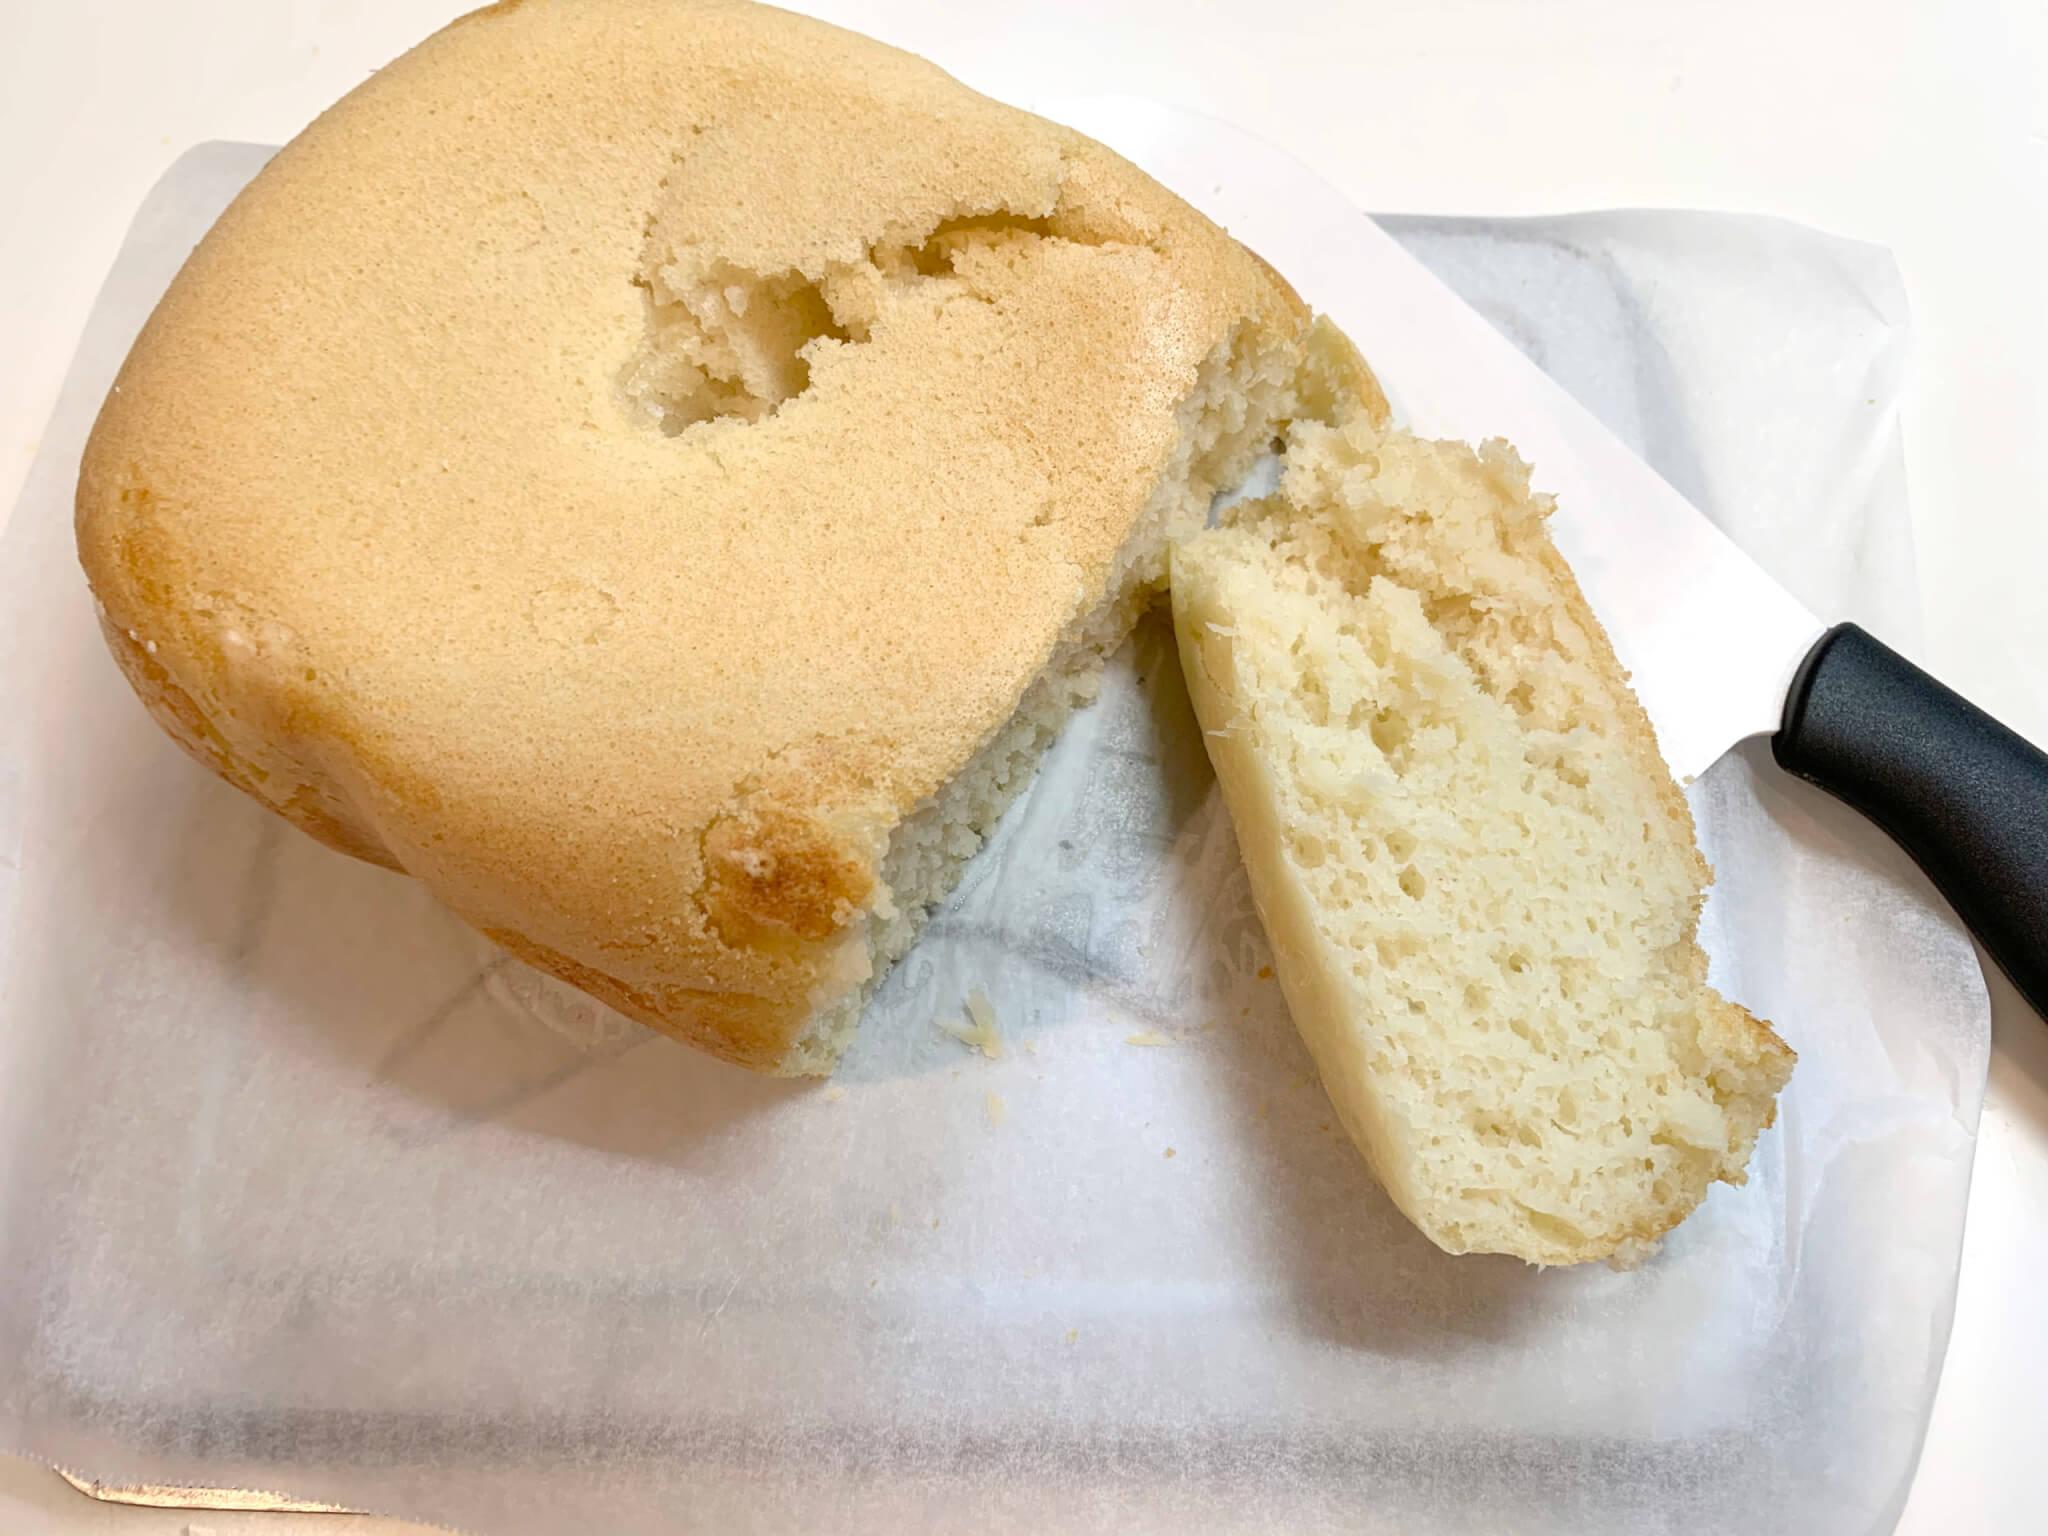 sirocaホームベーカリーSHB-712 まずは基本のパン作り 1.「背が低めの1斤分」「焼き色ふつう」「耳はかため」